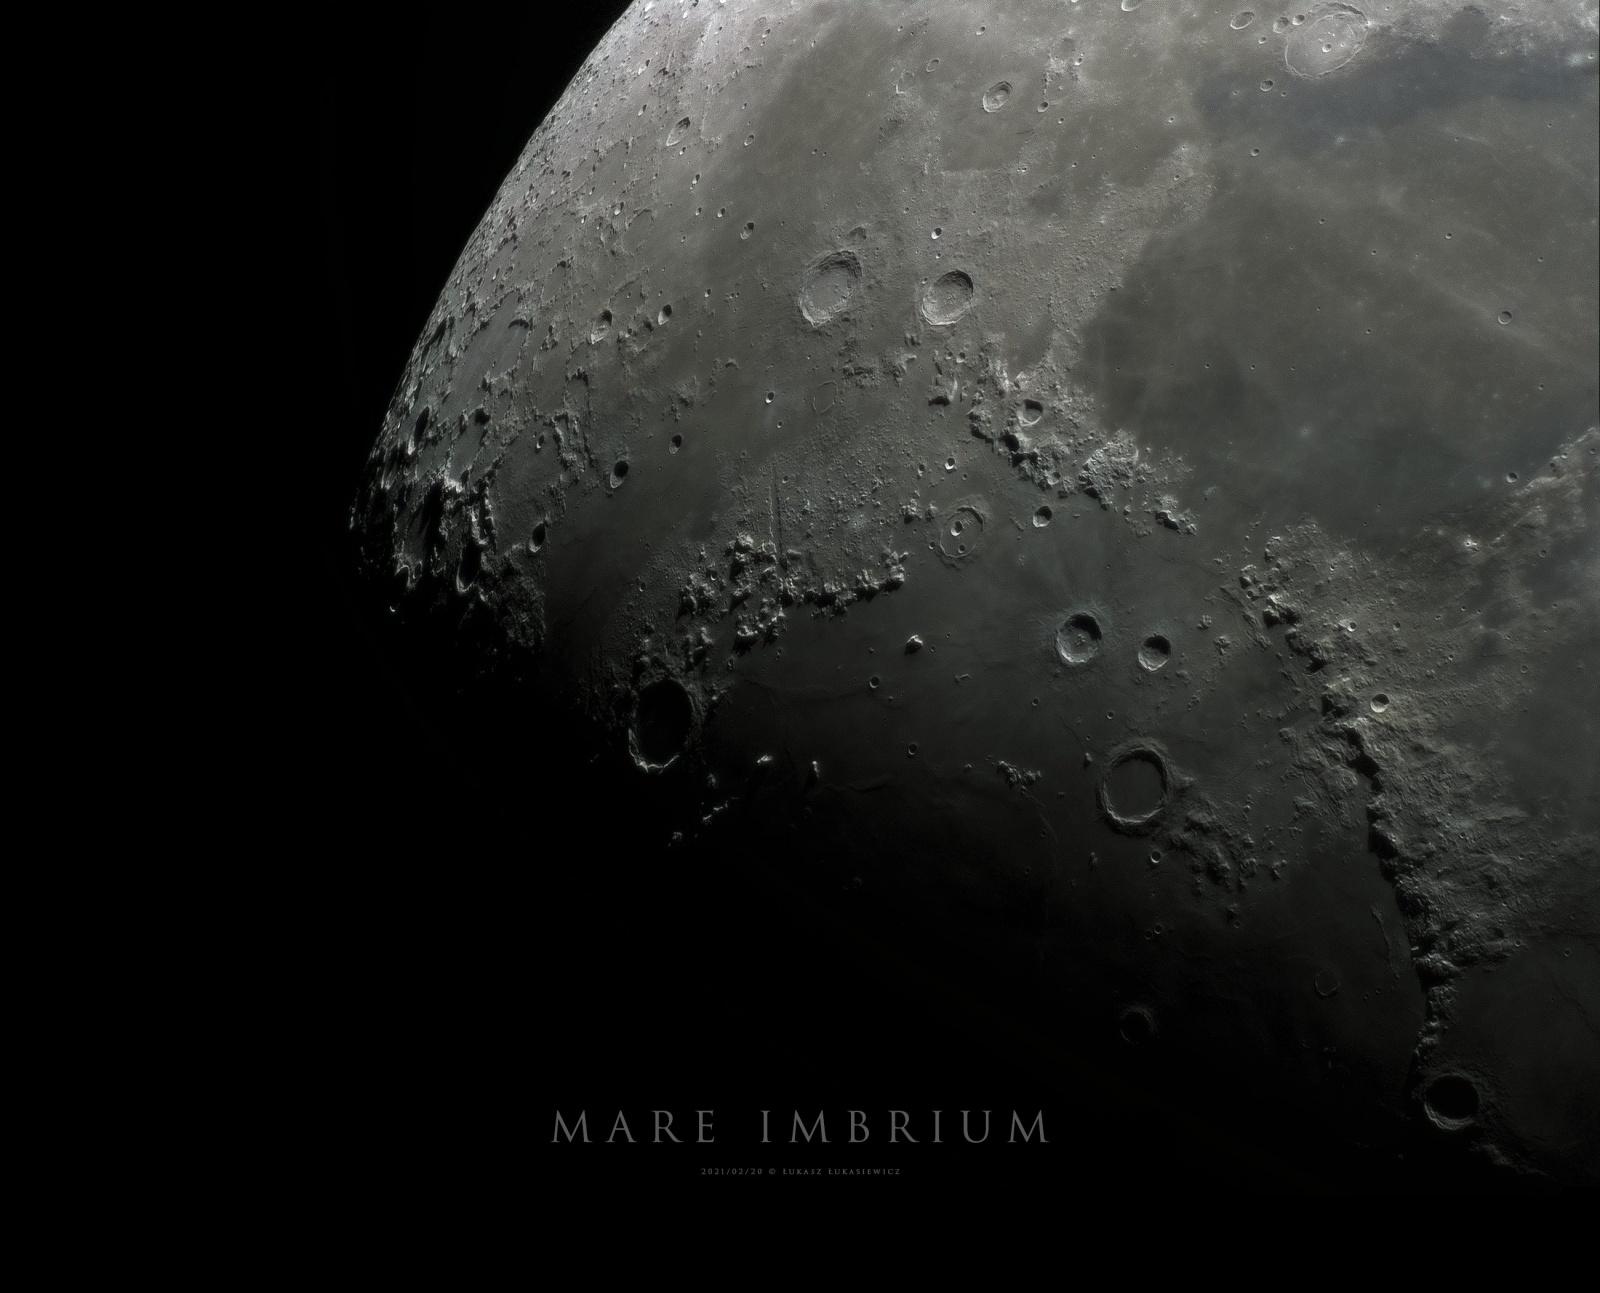 MARE-IMBRIUM-2020-02-20.jpg